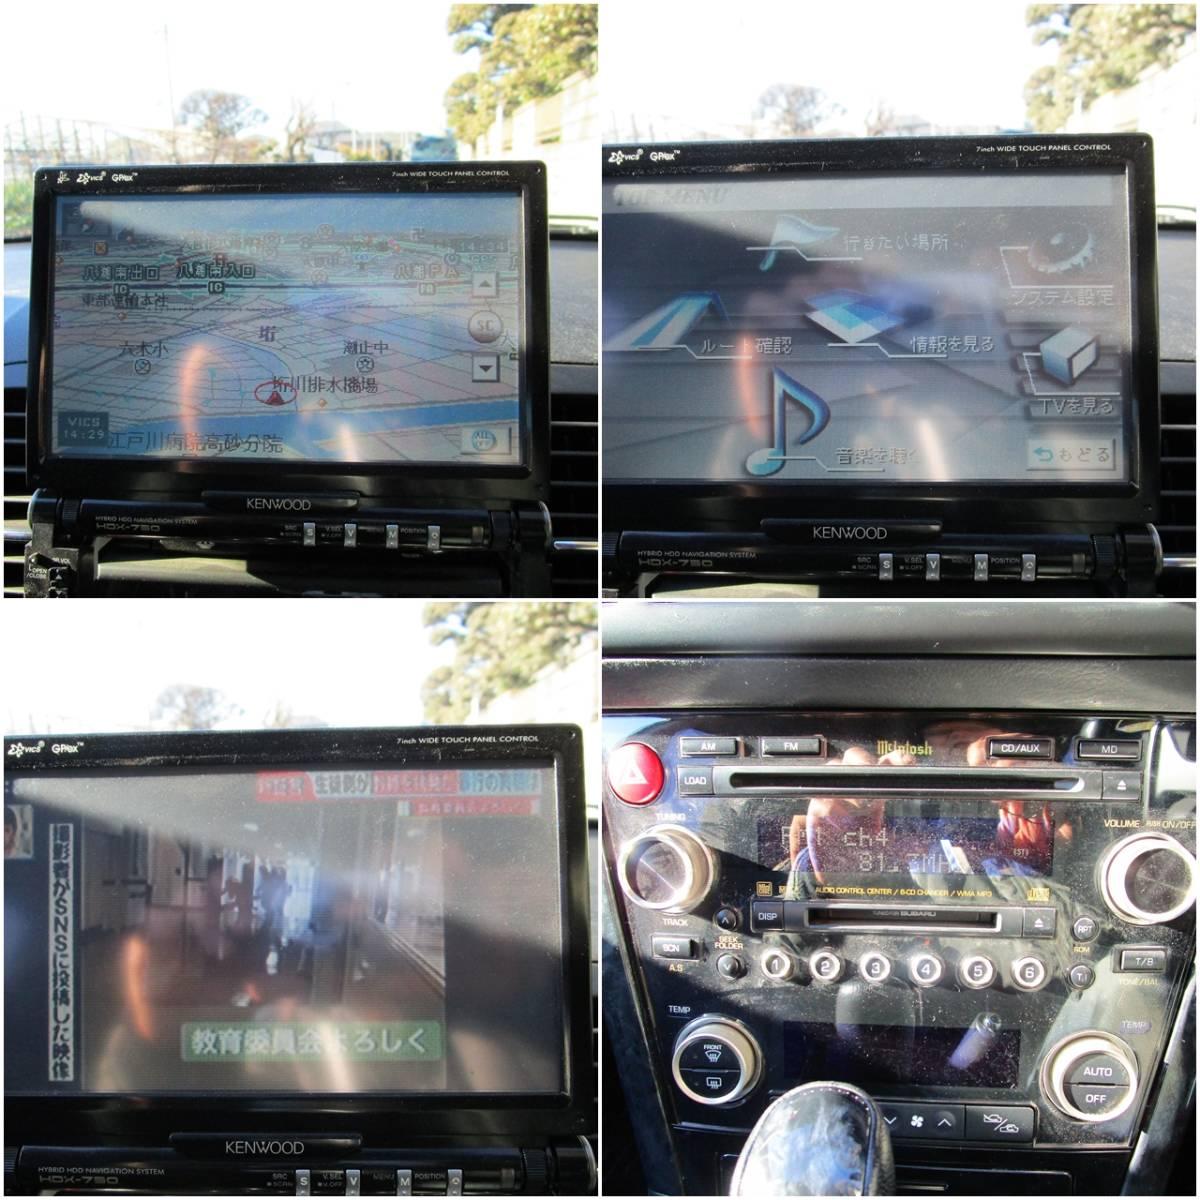 【車検満タン令和3年7月】H20レガシィW2.0I アドバンテージライン4WD、スマキー、プッシュスタート、パドルシフト、ナビ、Pシート純正HID _画像8